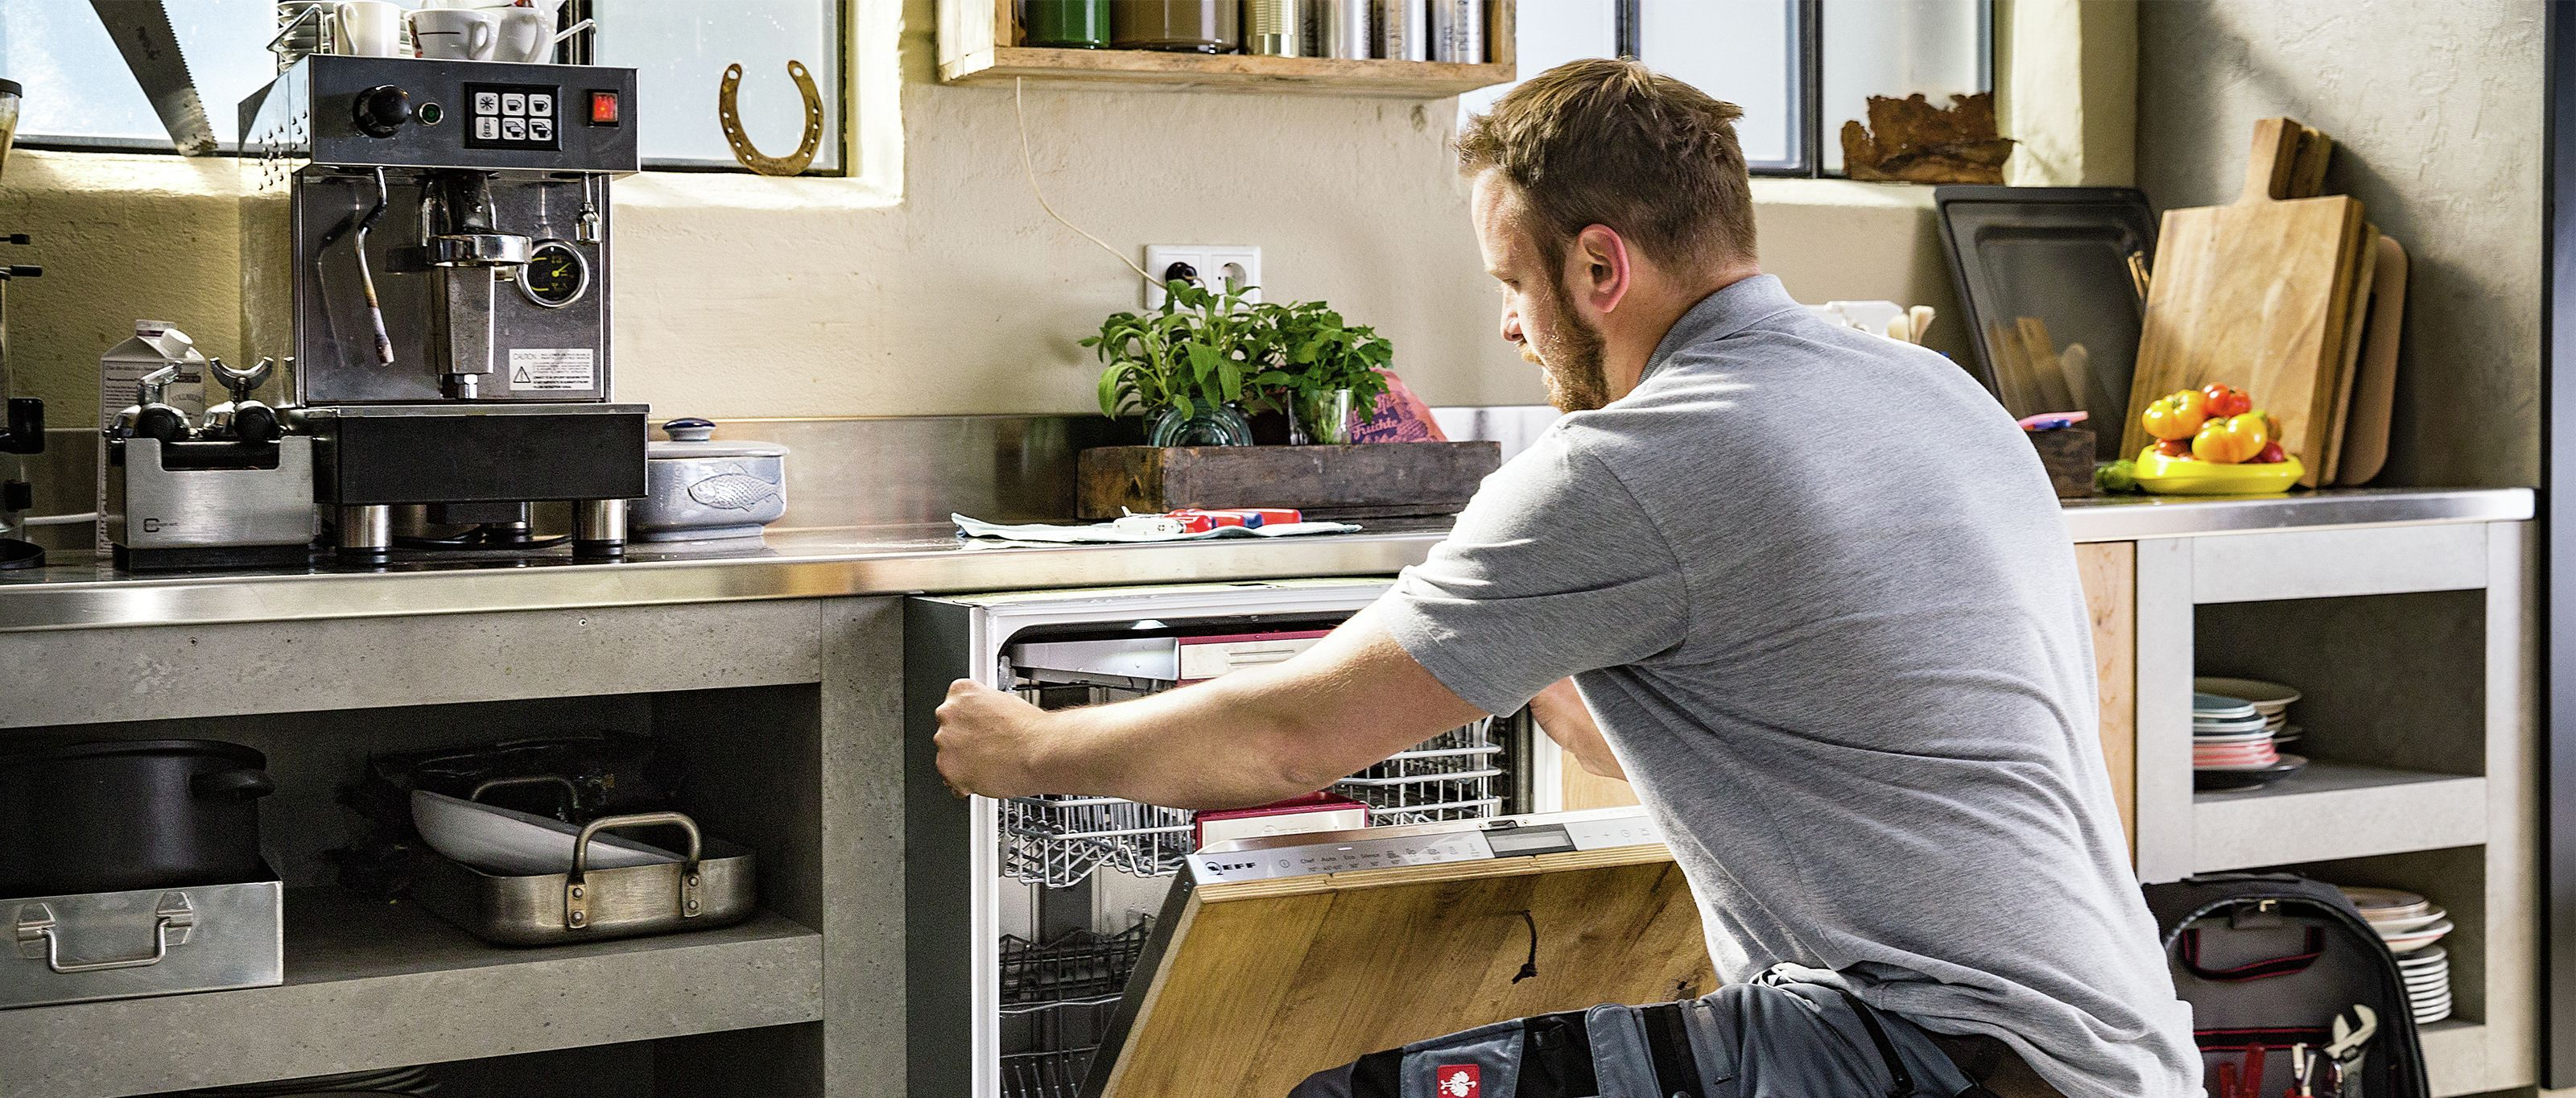 Appliance Repairs Near Me Appliance Repair Service Appliance Repair Dishwasher Repair